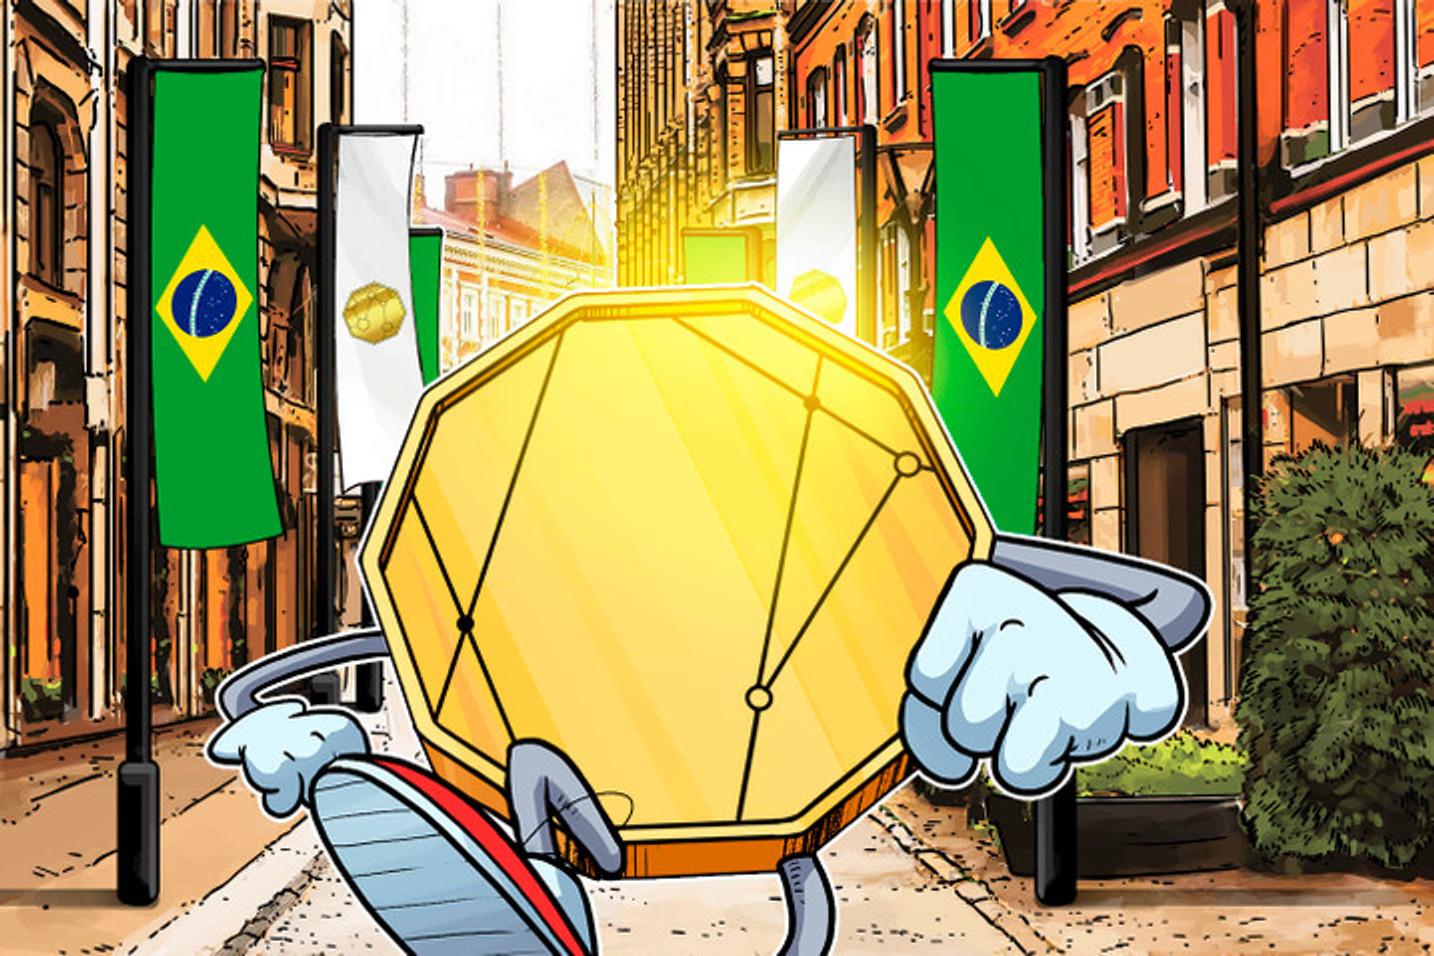 'Futuro do dinheiro é como moeda digital e ferramenta de relacionamento', diz diretor da criptomoeda brasileira WiBX